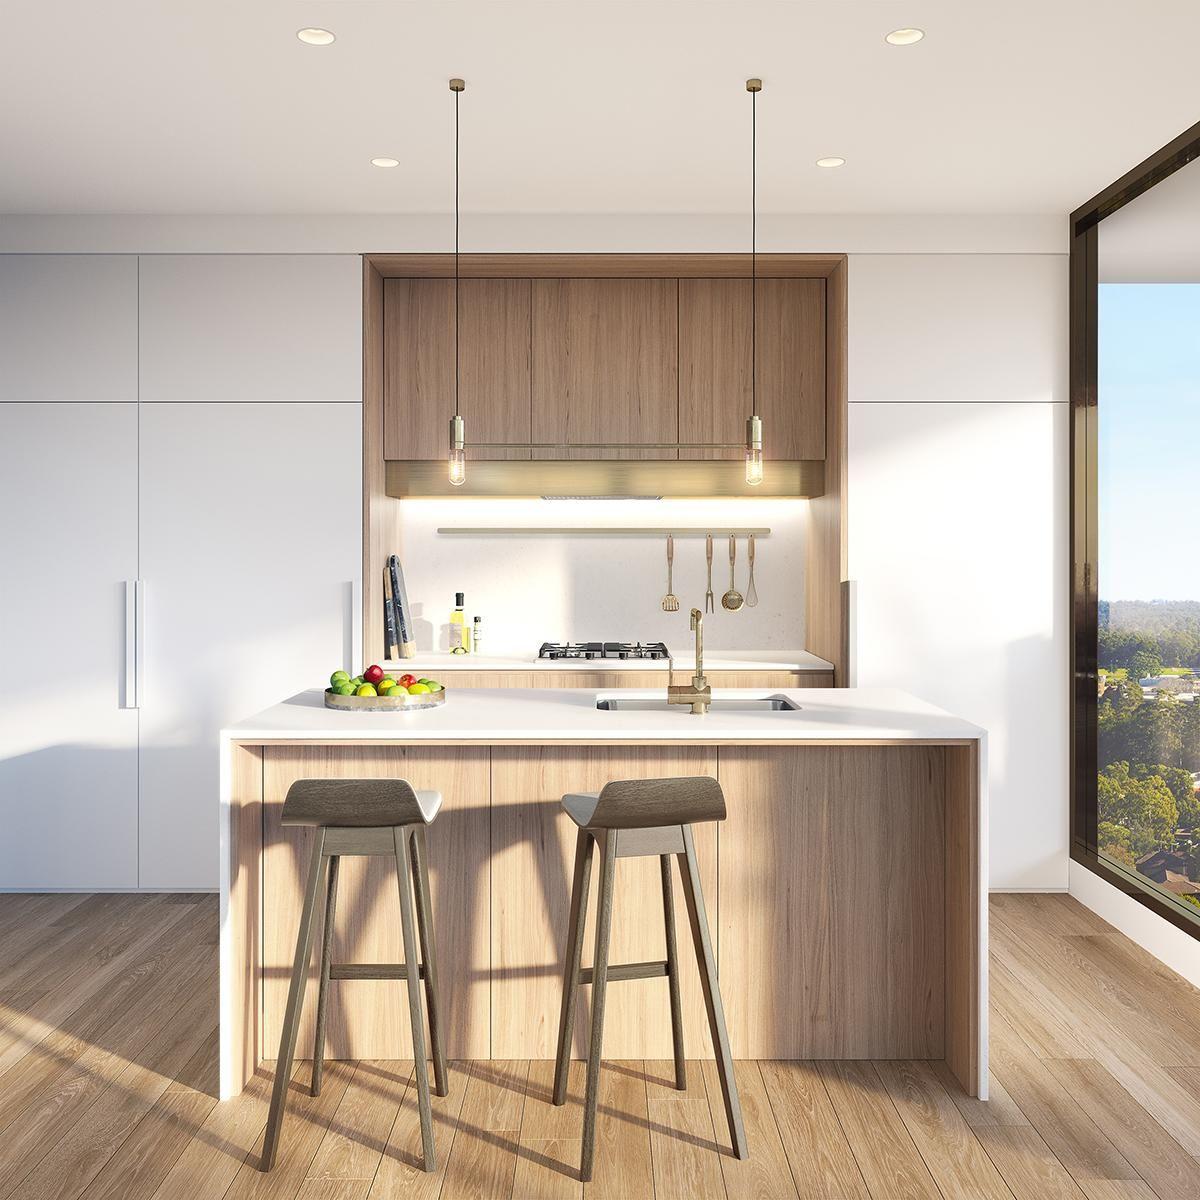 Apartment Interior Design In 2019